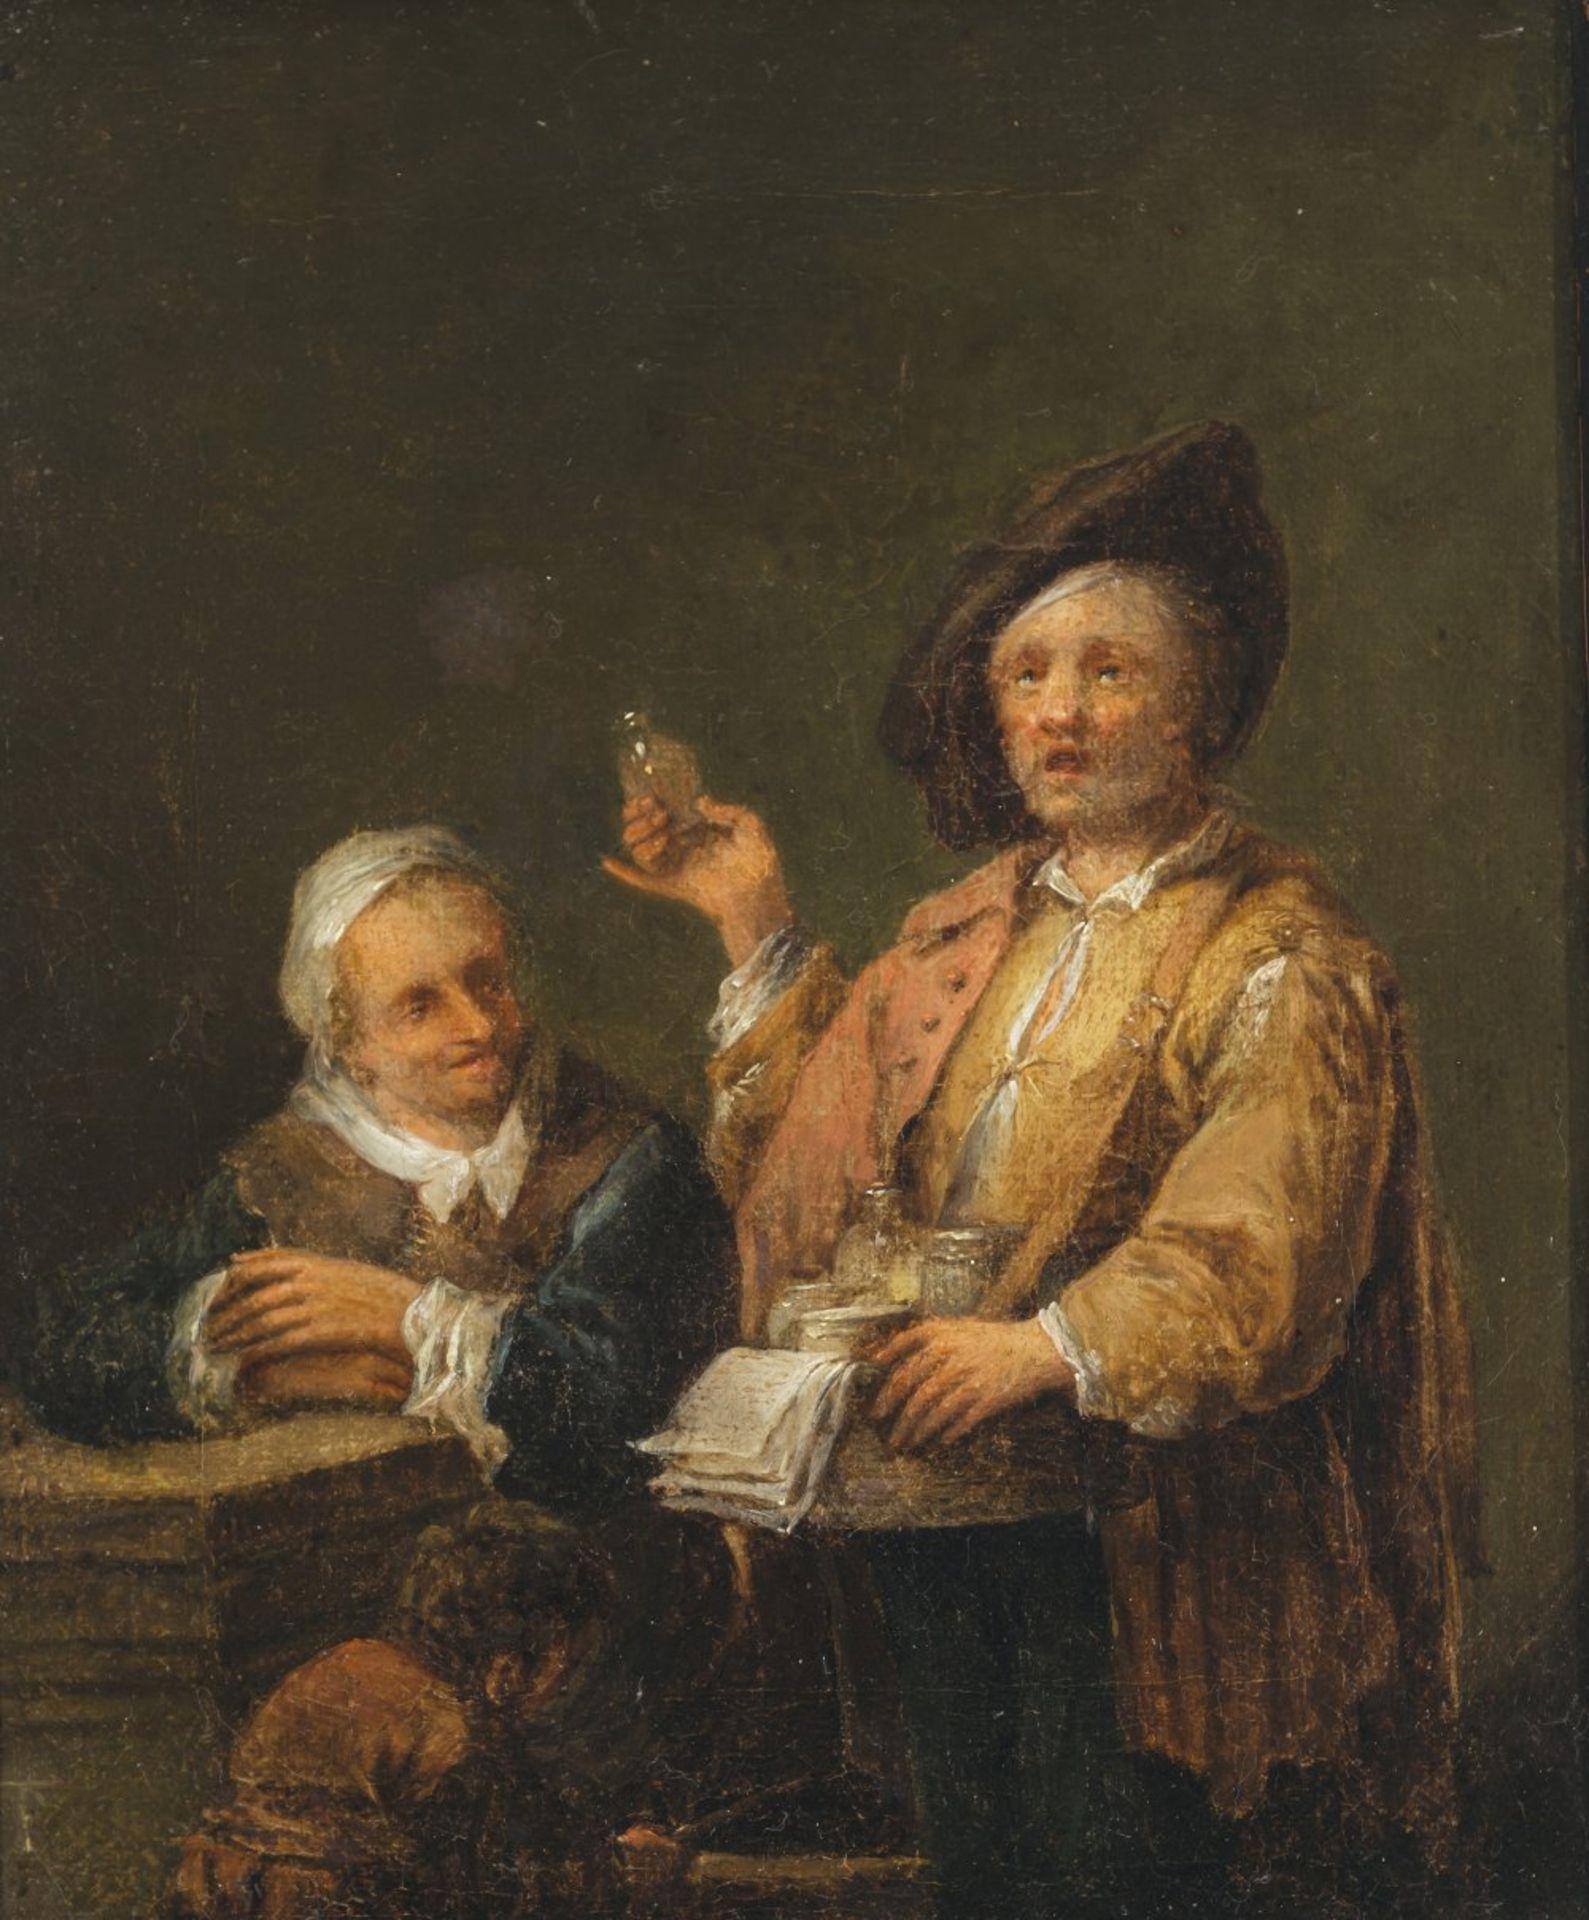 Monogrammist T.P.Niederlande, 17. Jh. Beim Quacksalber. Öl/Lw. 26 x 21,5 cm. Alterungsspuren, rest.,